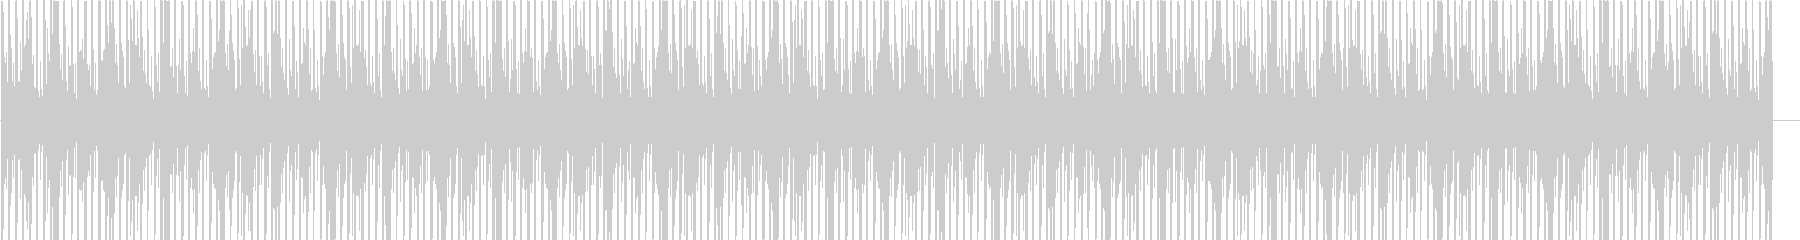 グルーヴィーな大人のHipHopの未再生の波形